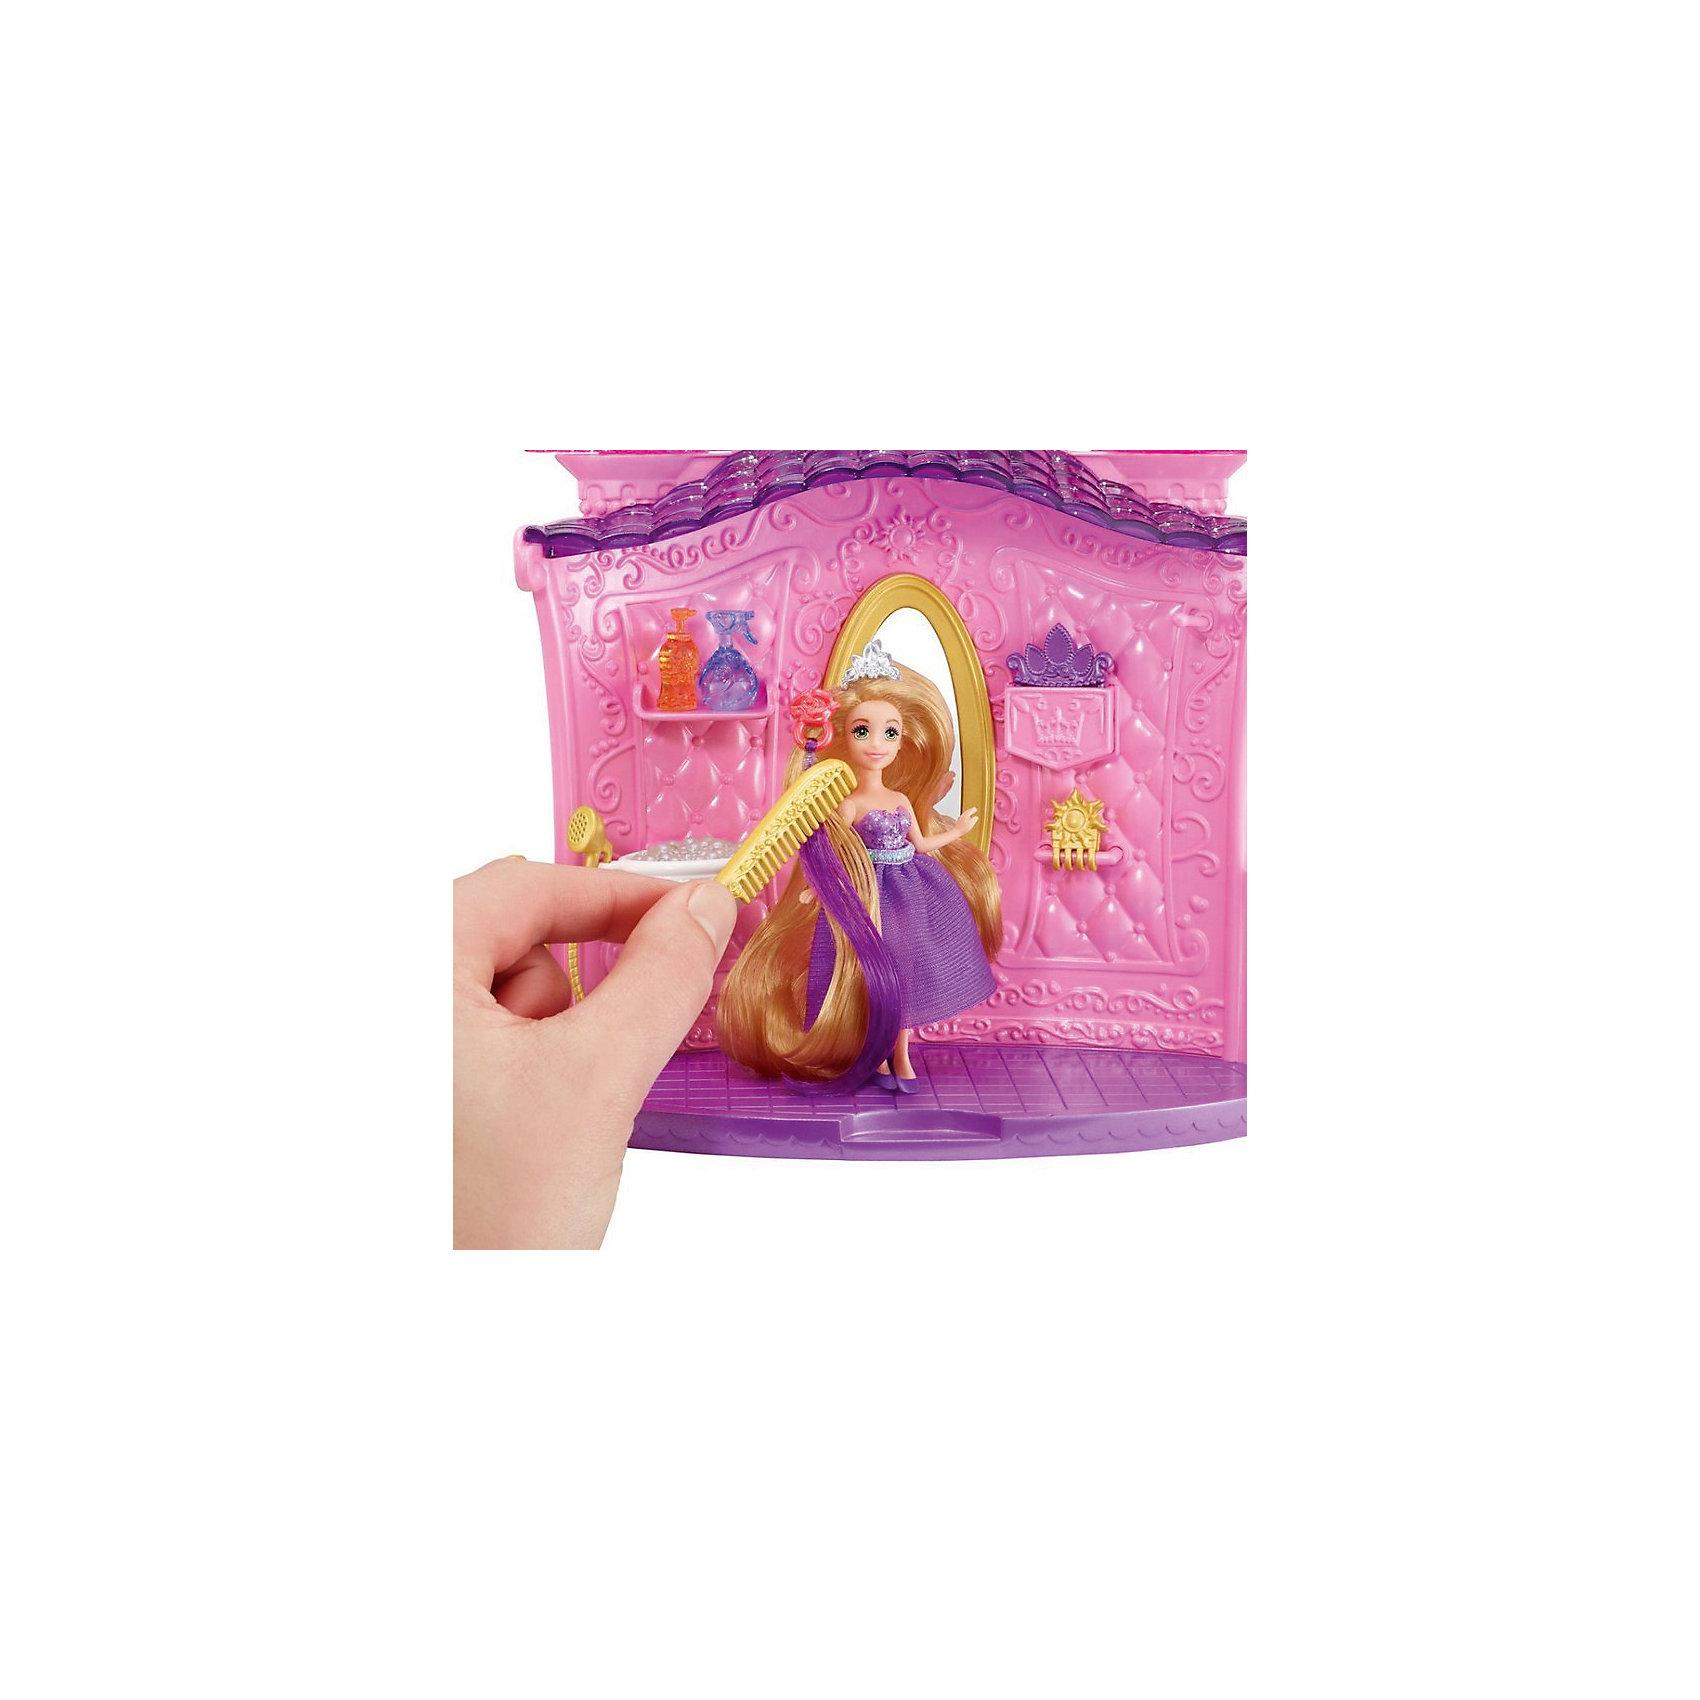 Mattel Кукла в наборе с аксессуарами Создай прическу, Принцессы Дисней mattel принцесса c домиком и аксессуарами принцессы дисней